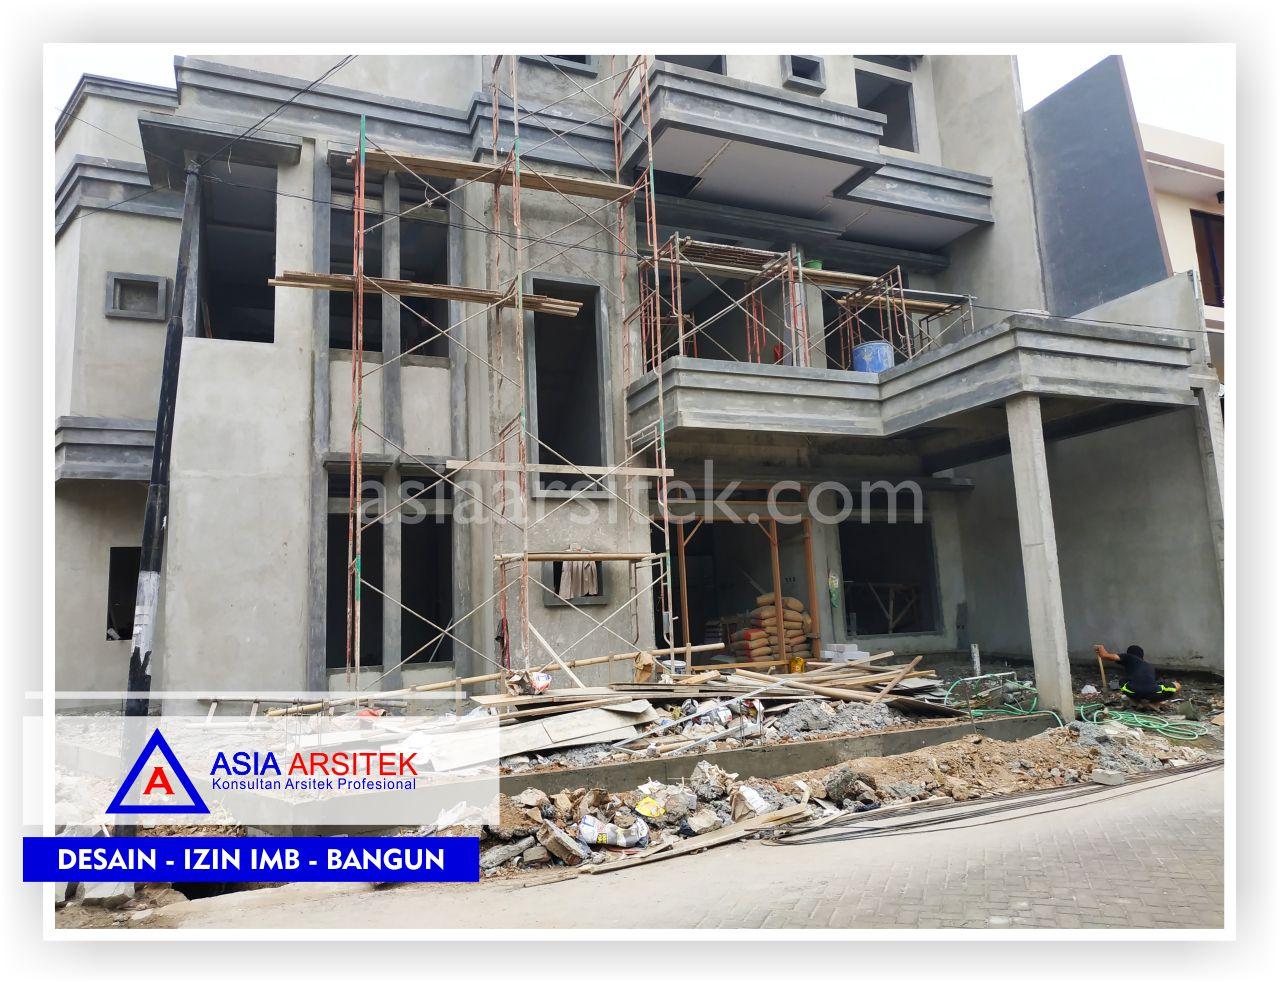 Tampak Depan Rumah Bpk Hendra Sun Kho - Arsitek Desain Rumah Minimalis Modern Di Tangerang-Jakarta-Bogor-Bekasi-Bandung-Jasa Konsultan Desain Arsitek Profesional (1)